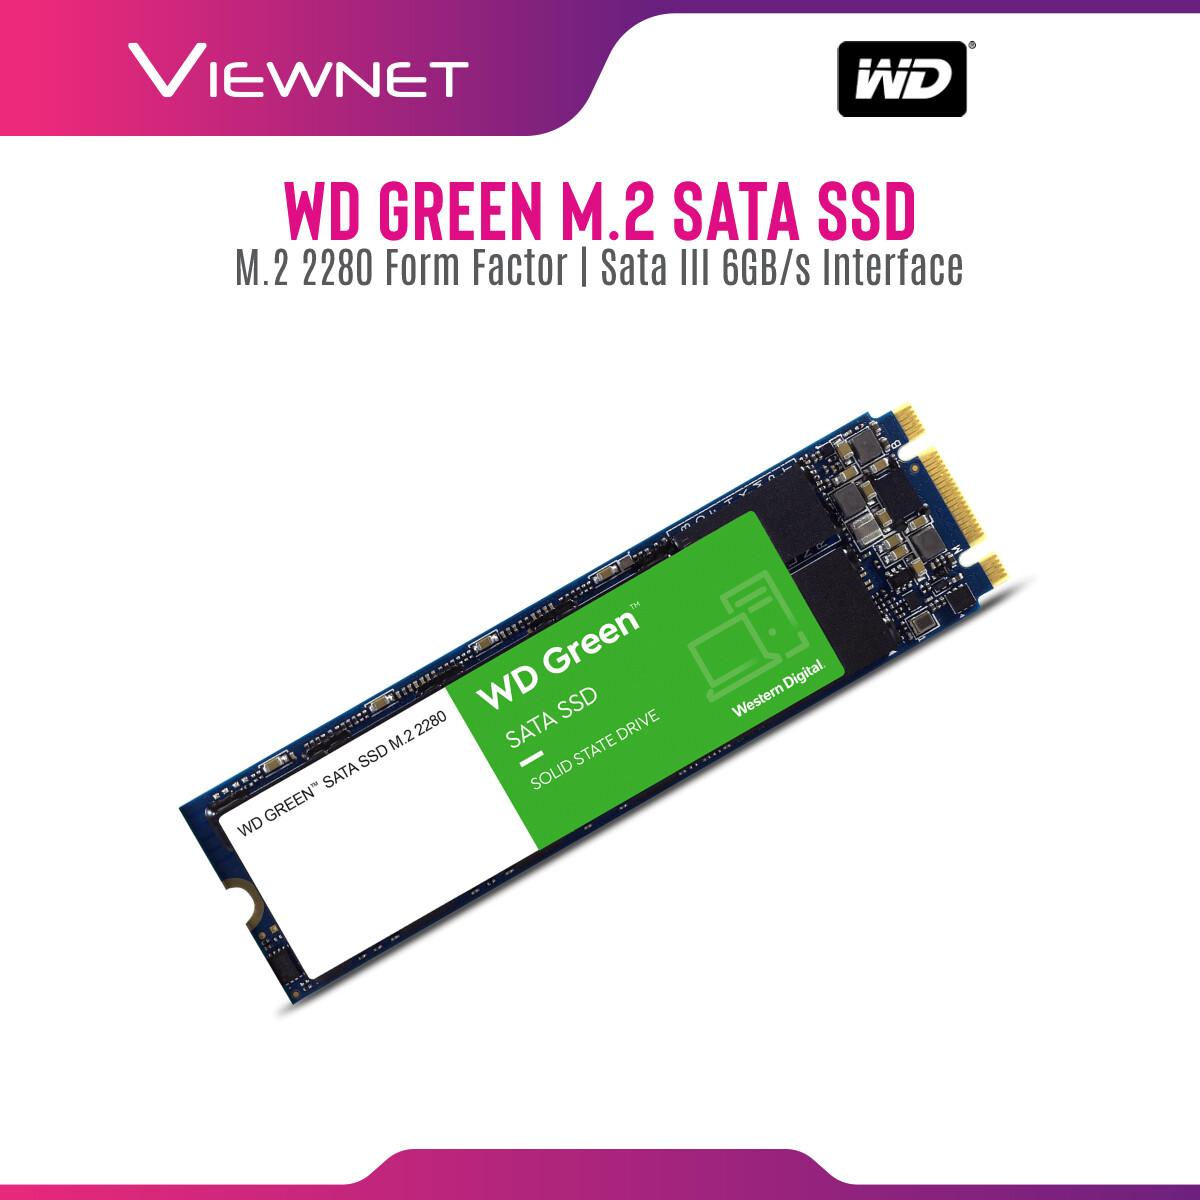 Western Digital M.2 SATA Green 240GB/480GB SSD Solid State Drives (WDS240G2G0B/WDS480G2G0B/WDS480G2G0B)